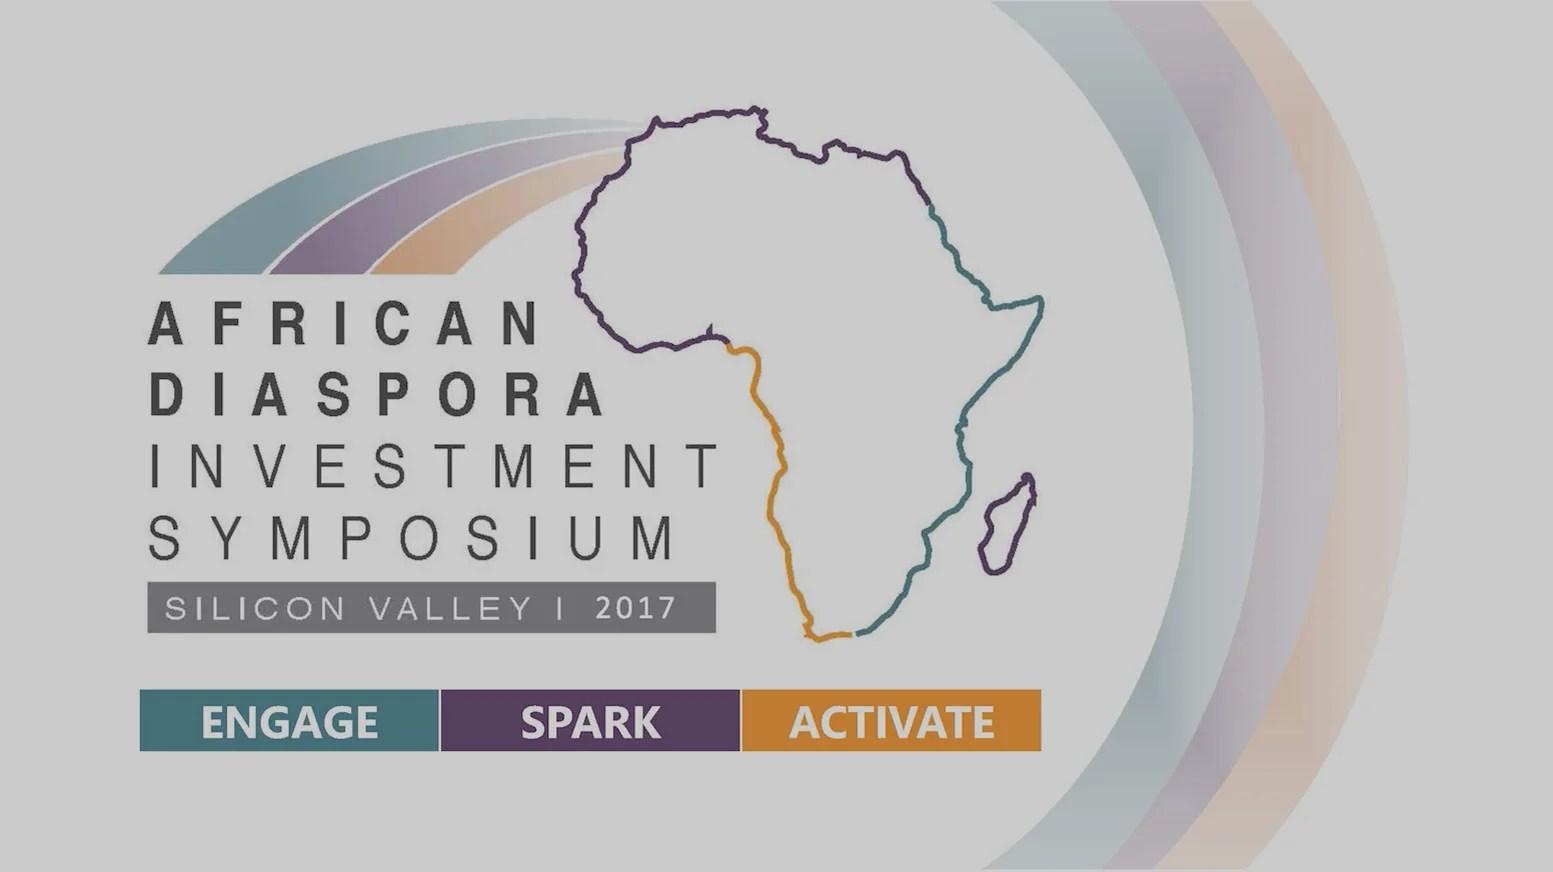 hight resolution of african diaspora investment symposium 2017